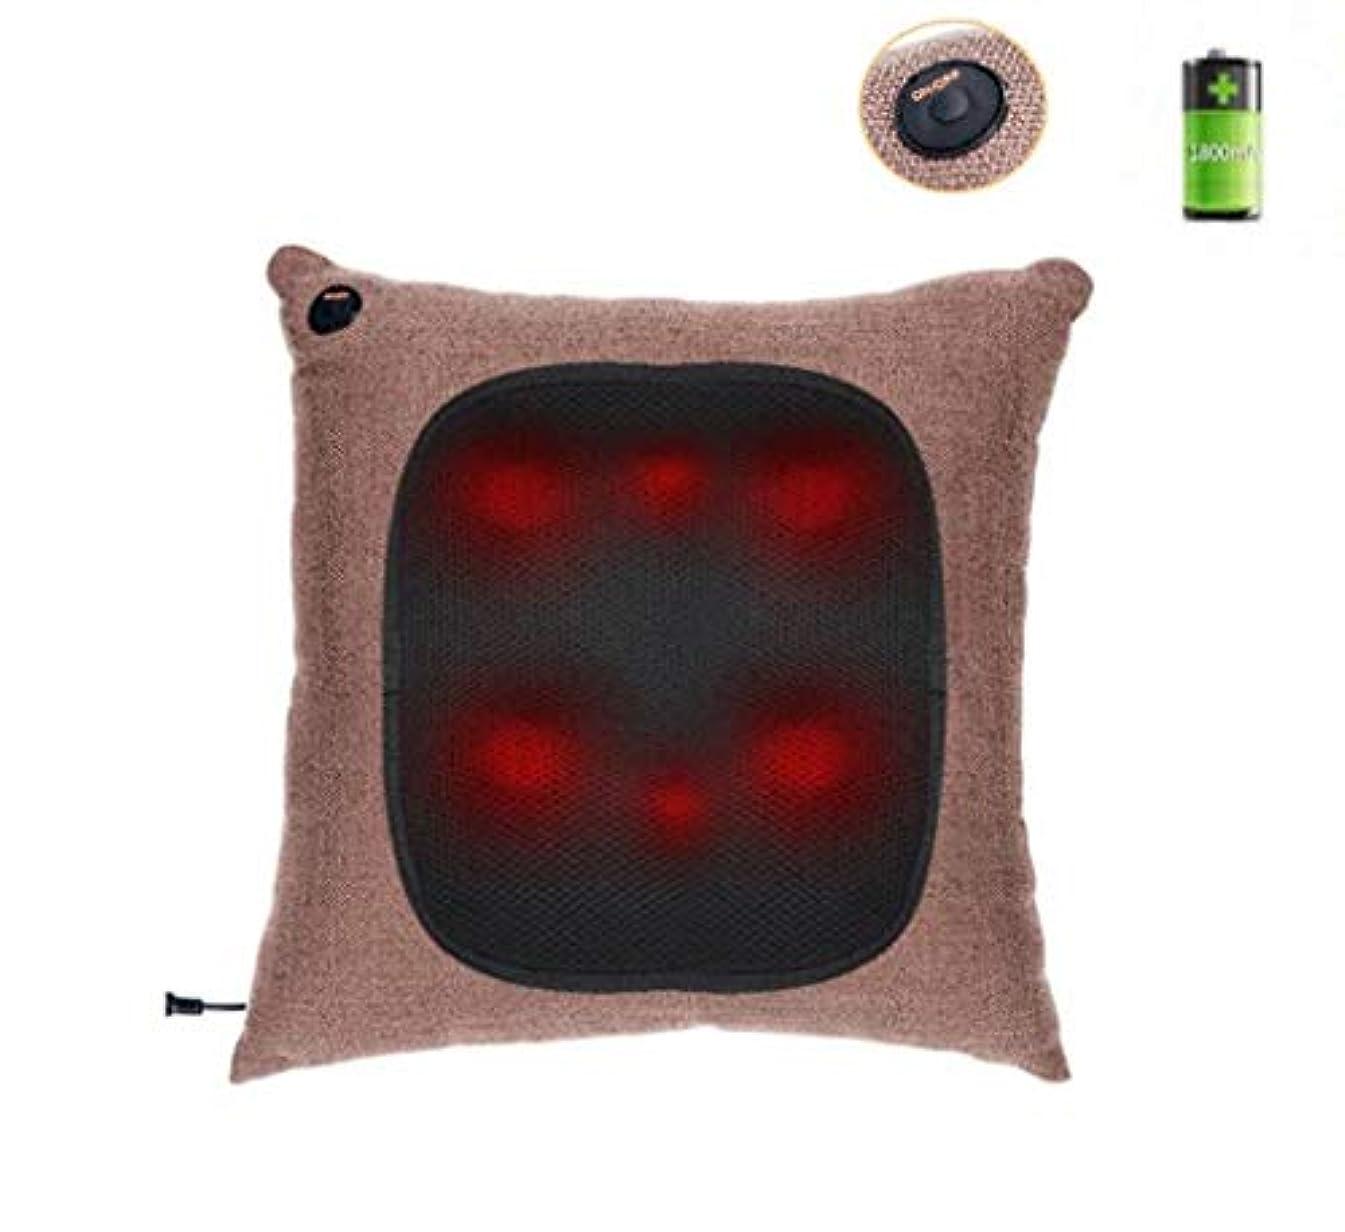 多機能マッサージ枕、オフィス、自宅、車、首、肩、腰、背中、ボディマッサージクッション、携帯用枕、充電式、ワイヤレス